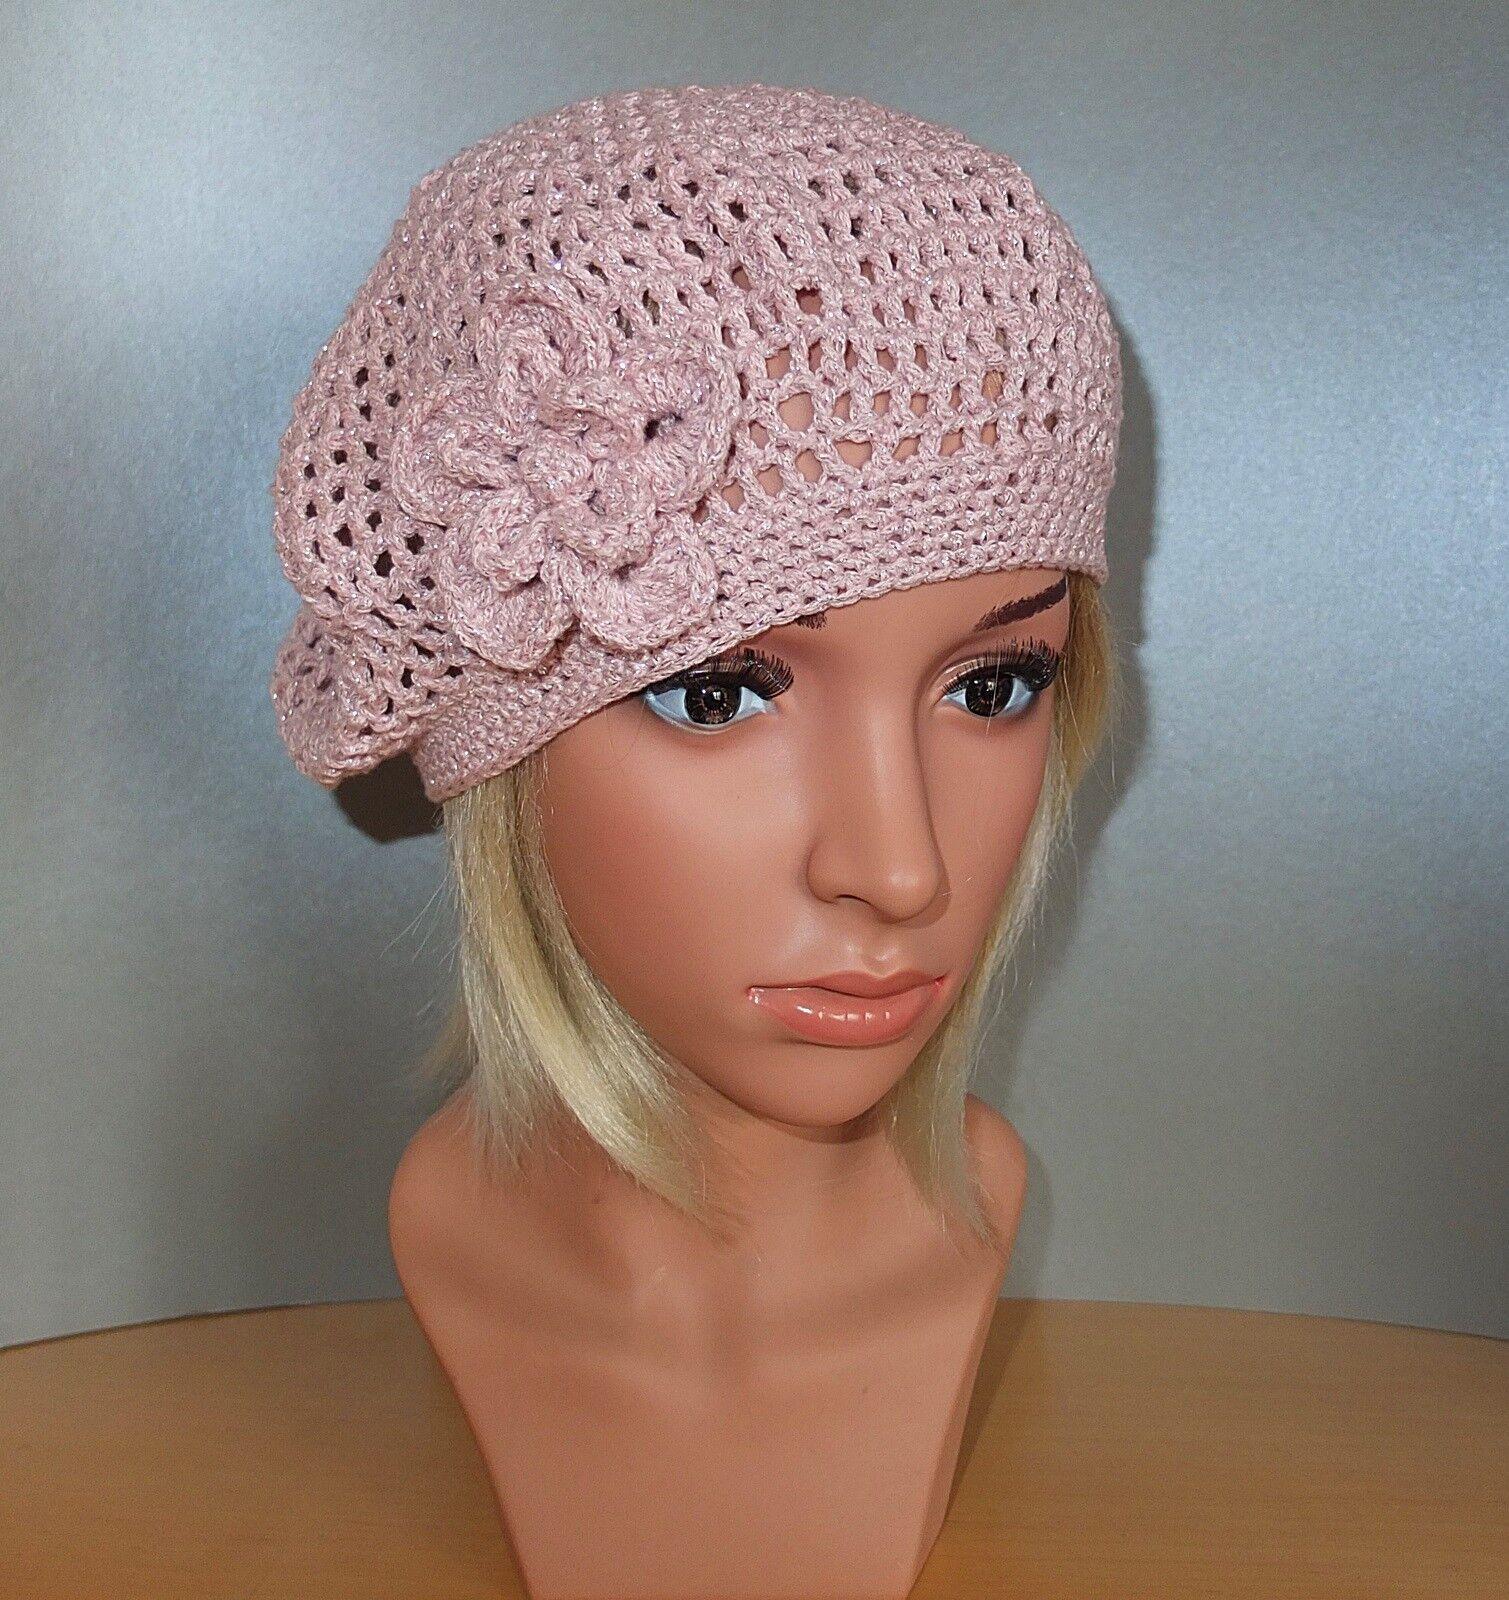 Ausgefallene romantische Häkelmütze Barett Baskenmütze denim Rosa silber Blaume | Starke Hitze- und Hitzebeständigkeit  | Garantiere Qualität und Quantität  | Ich kann es nicht ablegen